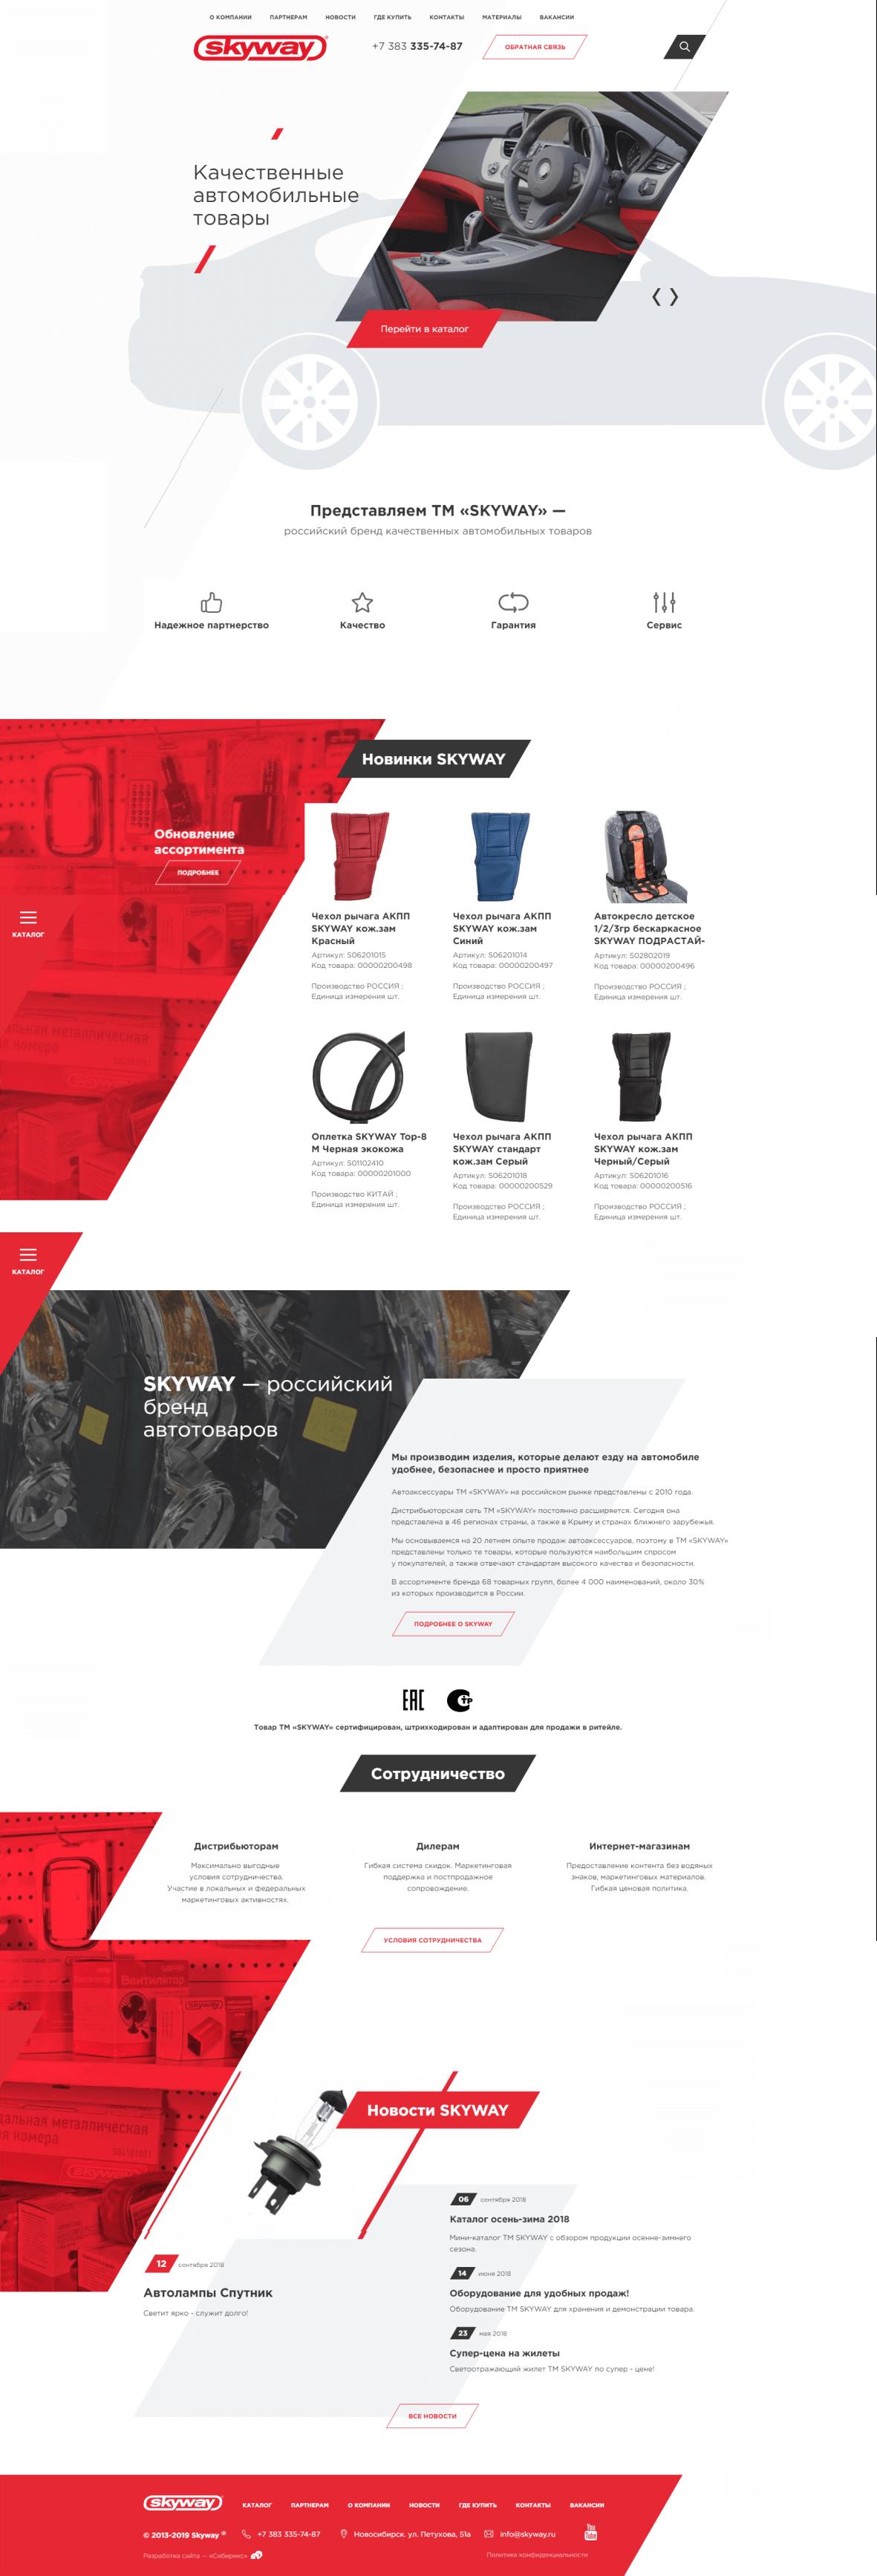 <p>Основную гамму проекта определил фирменный красный излоготипа заказчика.</p>